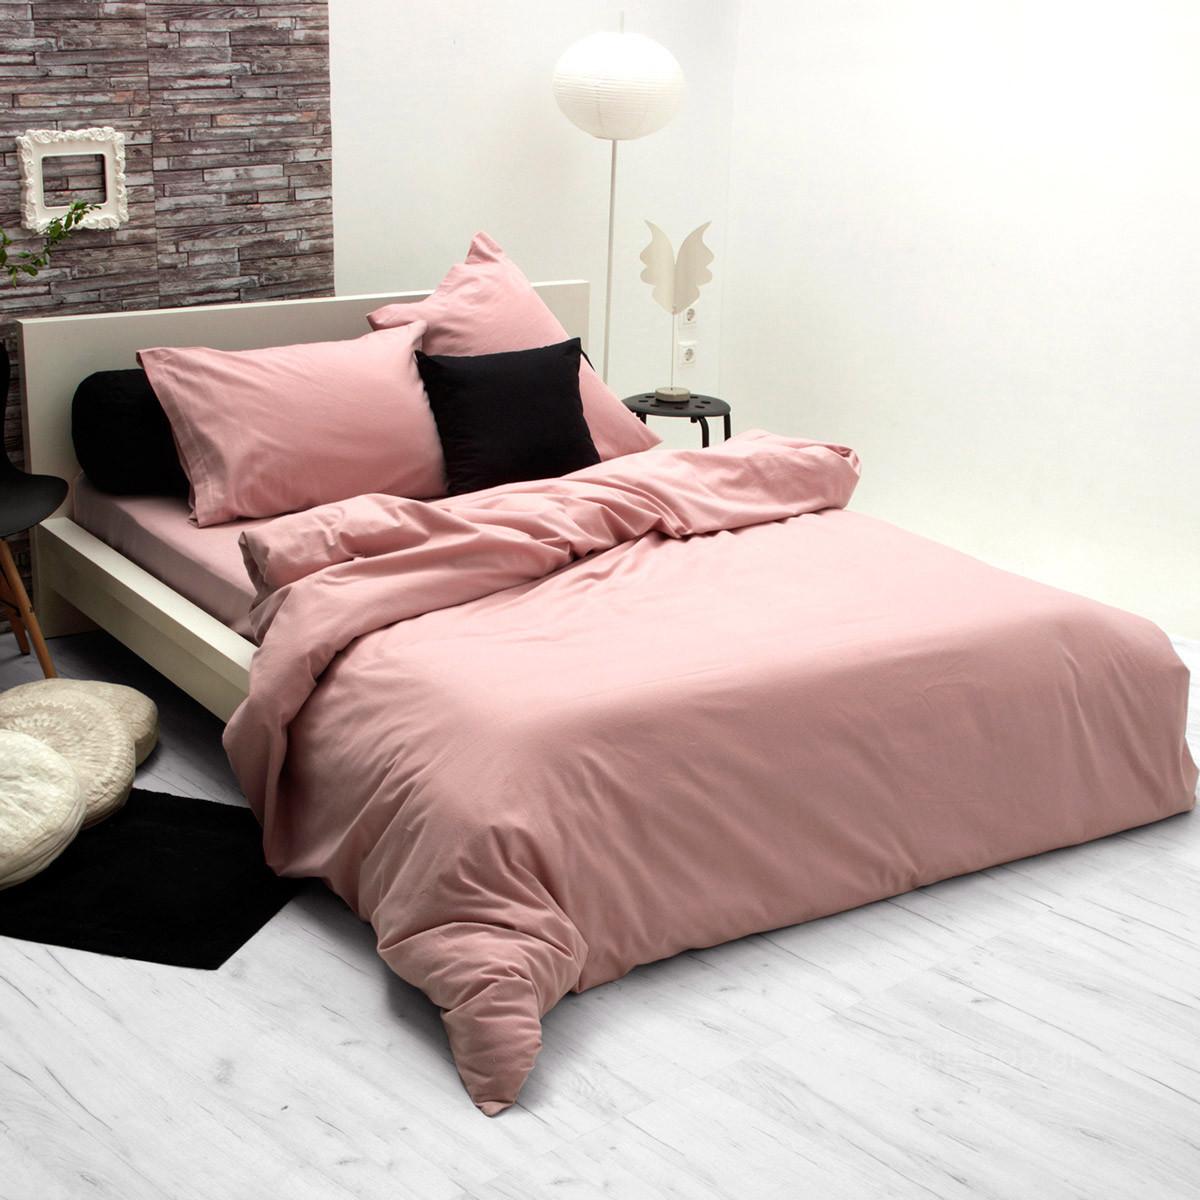 Ζεύγος Φανελένιες Μαξιλαροθήκες Sb Home Flannel Pink